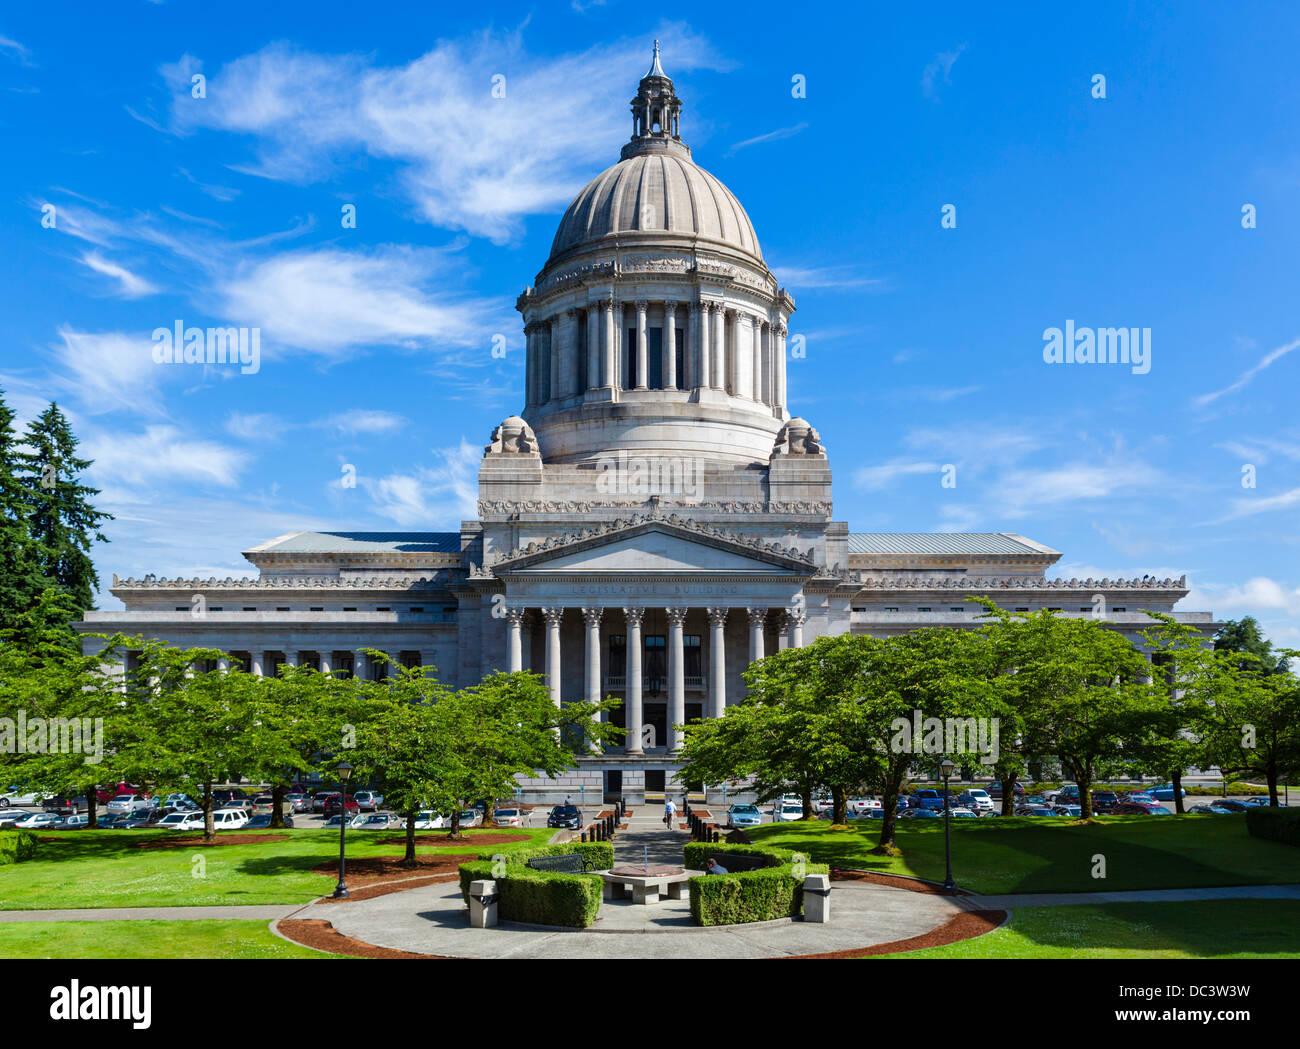 Washington State Capitol building, Olympia, Washington, USA - Stock Image